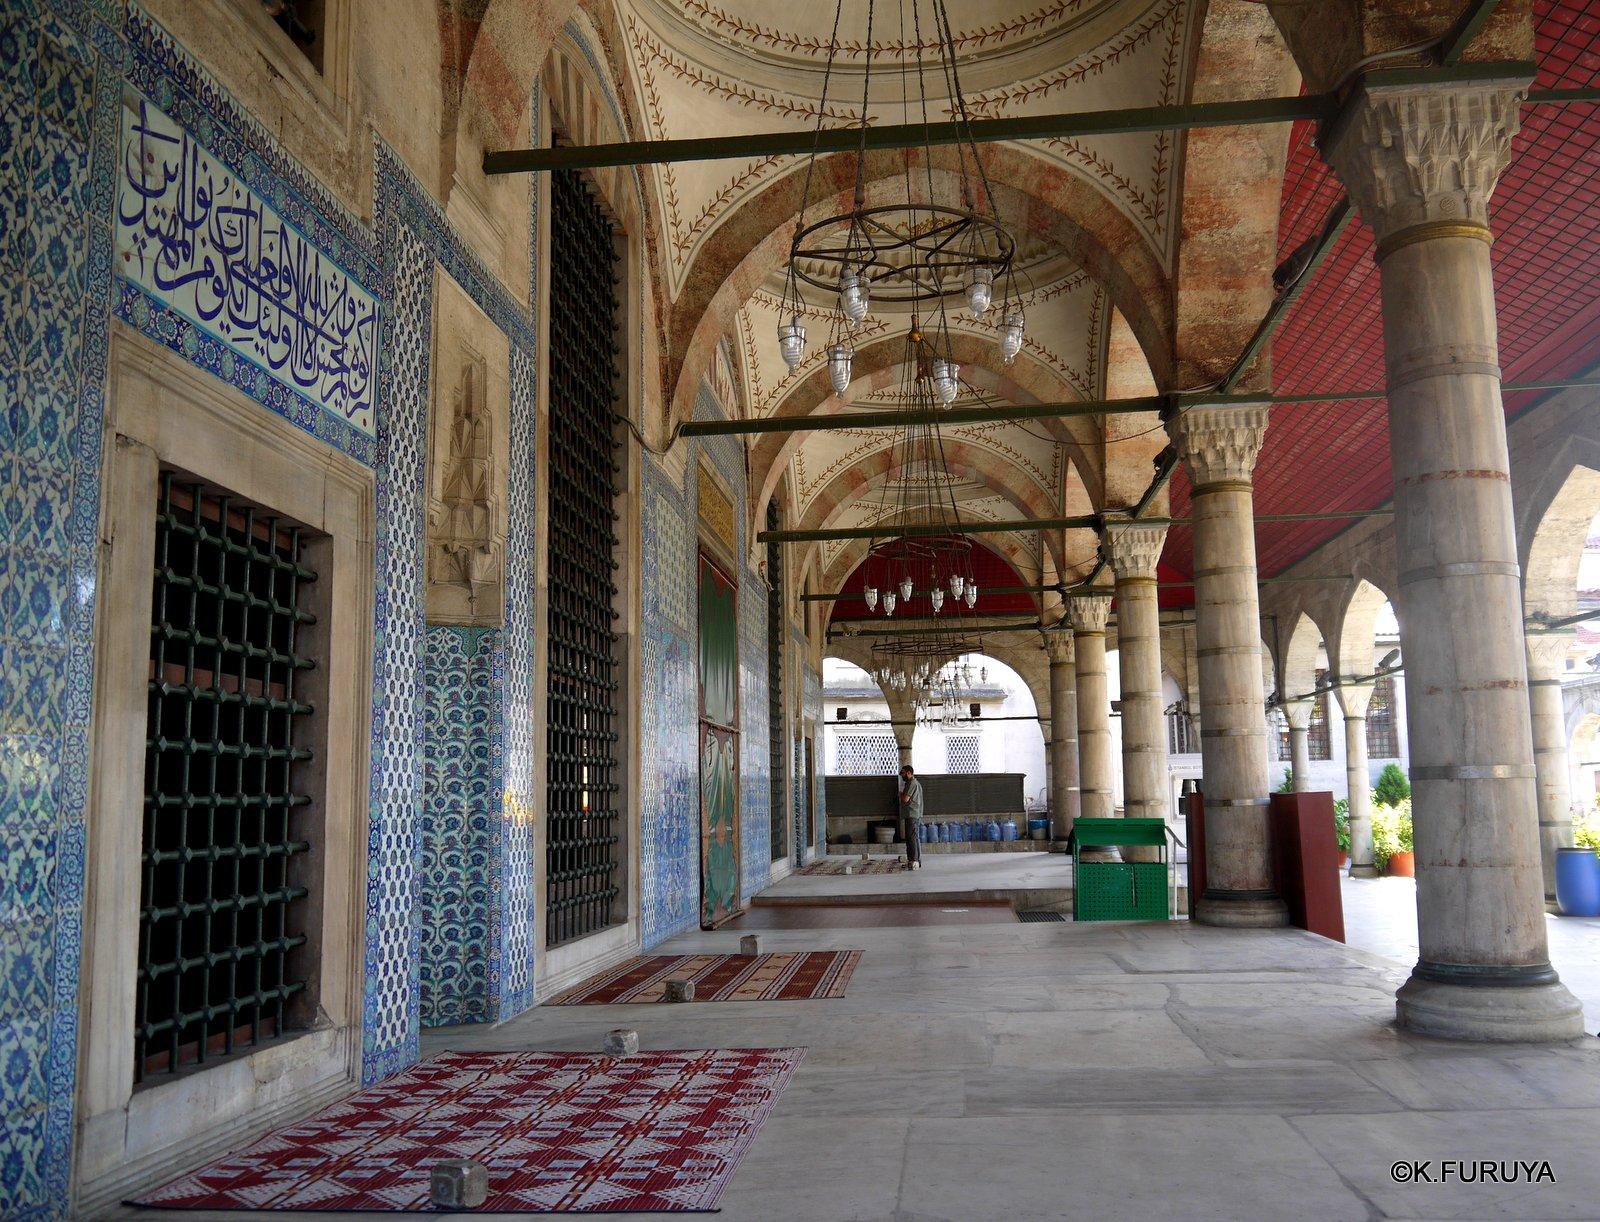 トルコ旅行記 40 イスタンブール旧市街の小さなモスク_a0092659_17372949.jpg